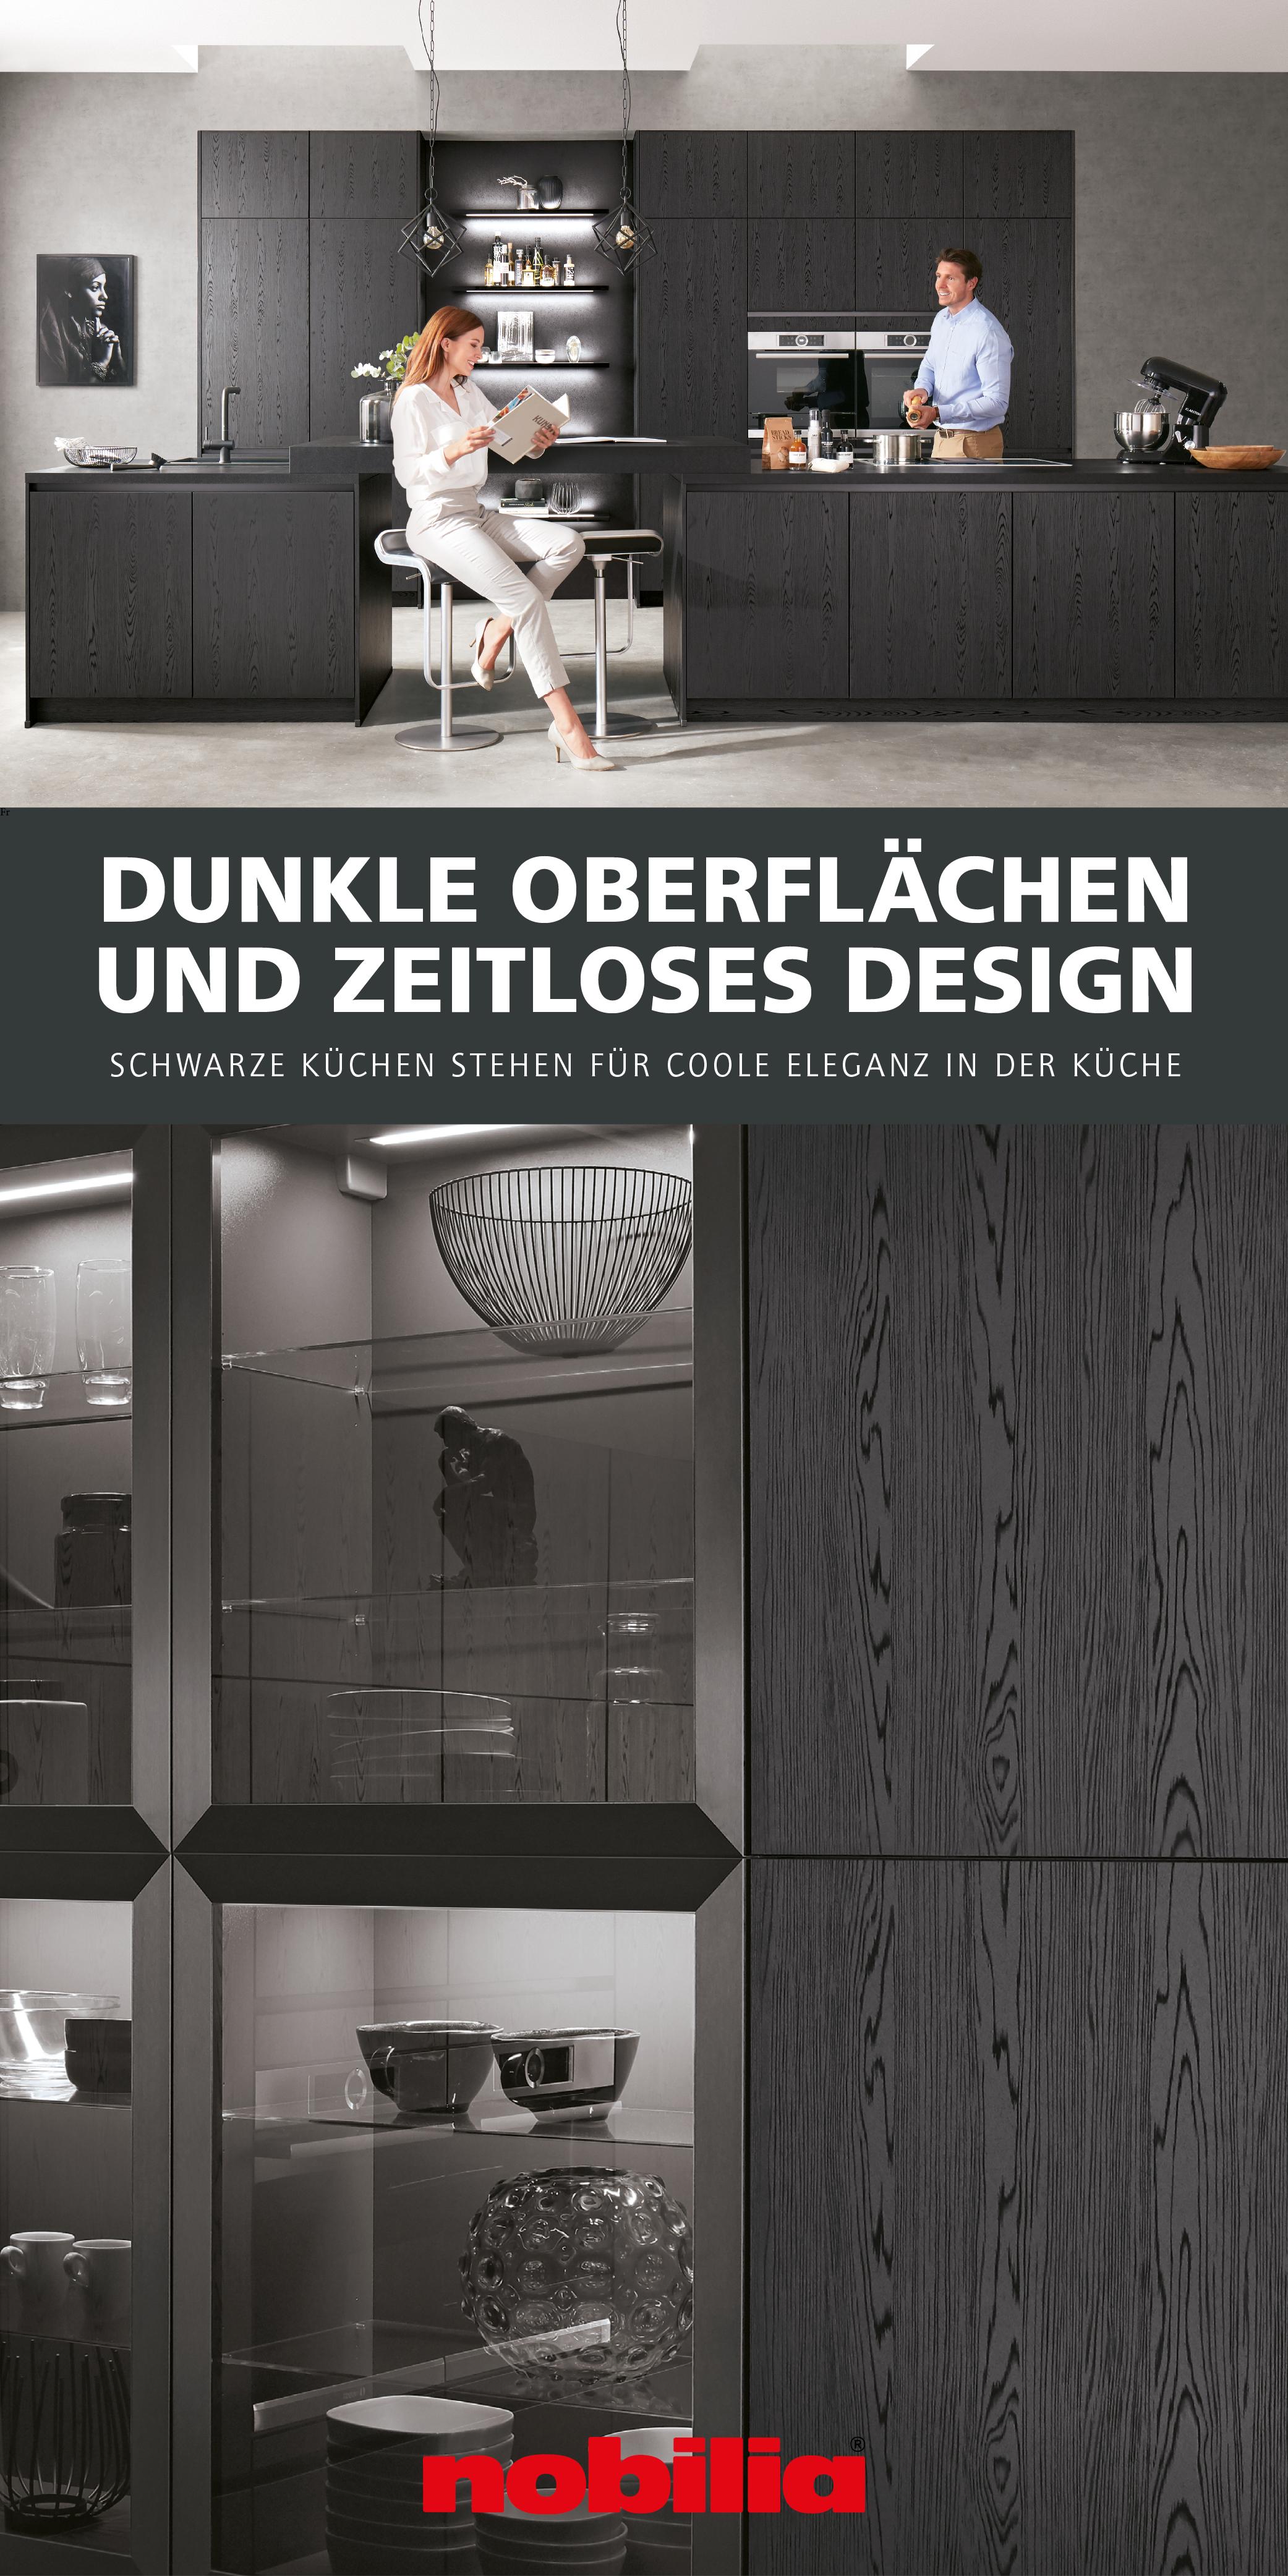 Full Size of Nobilia Alba Modernes Kchendesign Trifft Auf Dunkle Tne Das Elegante Dekor Einbauküche Küche Wohnzimmer Nobilia Alba